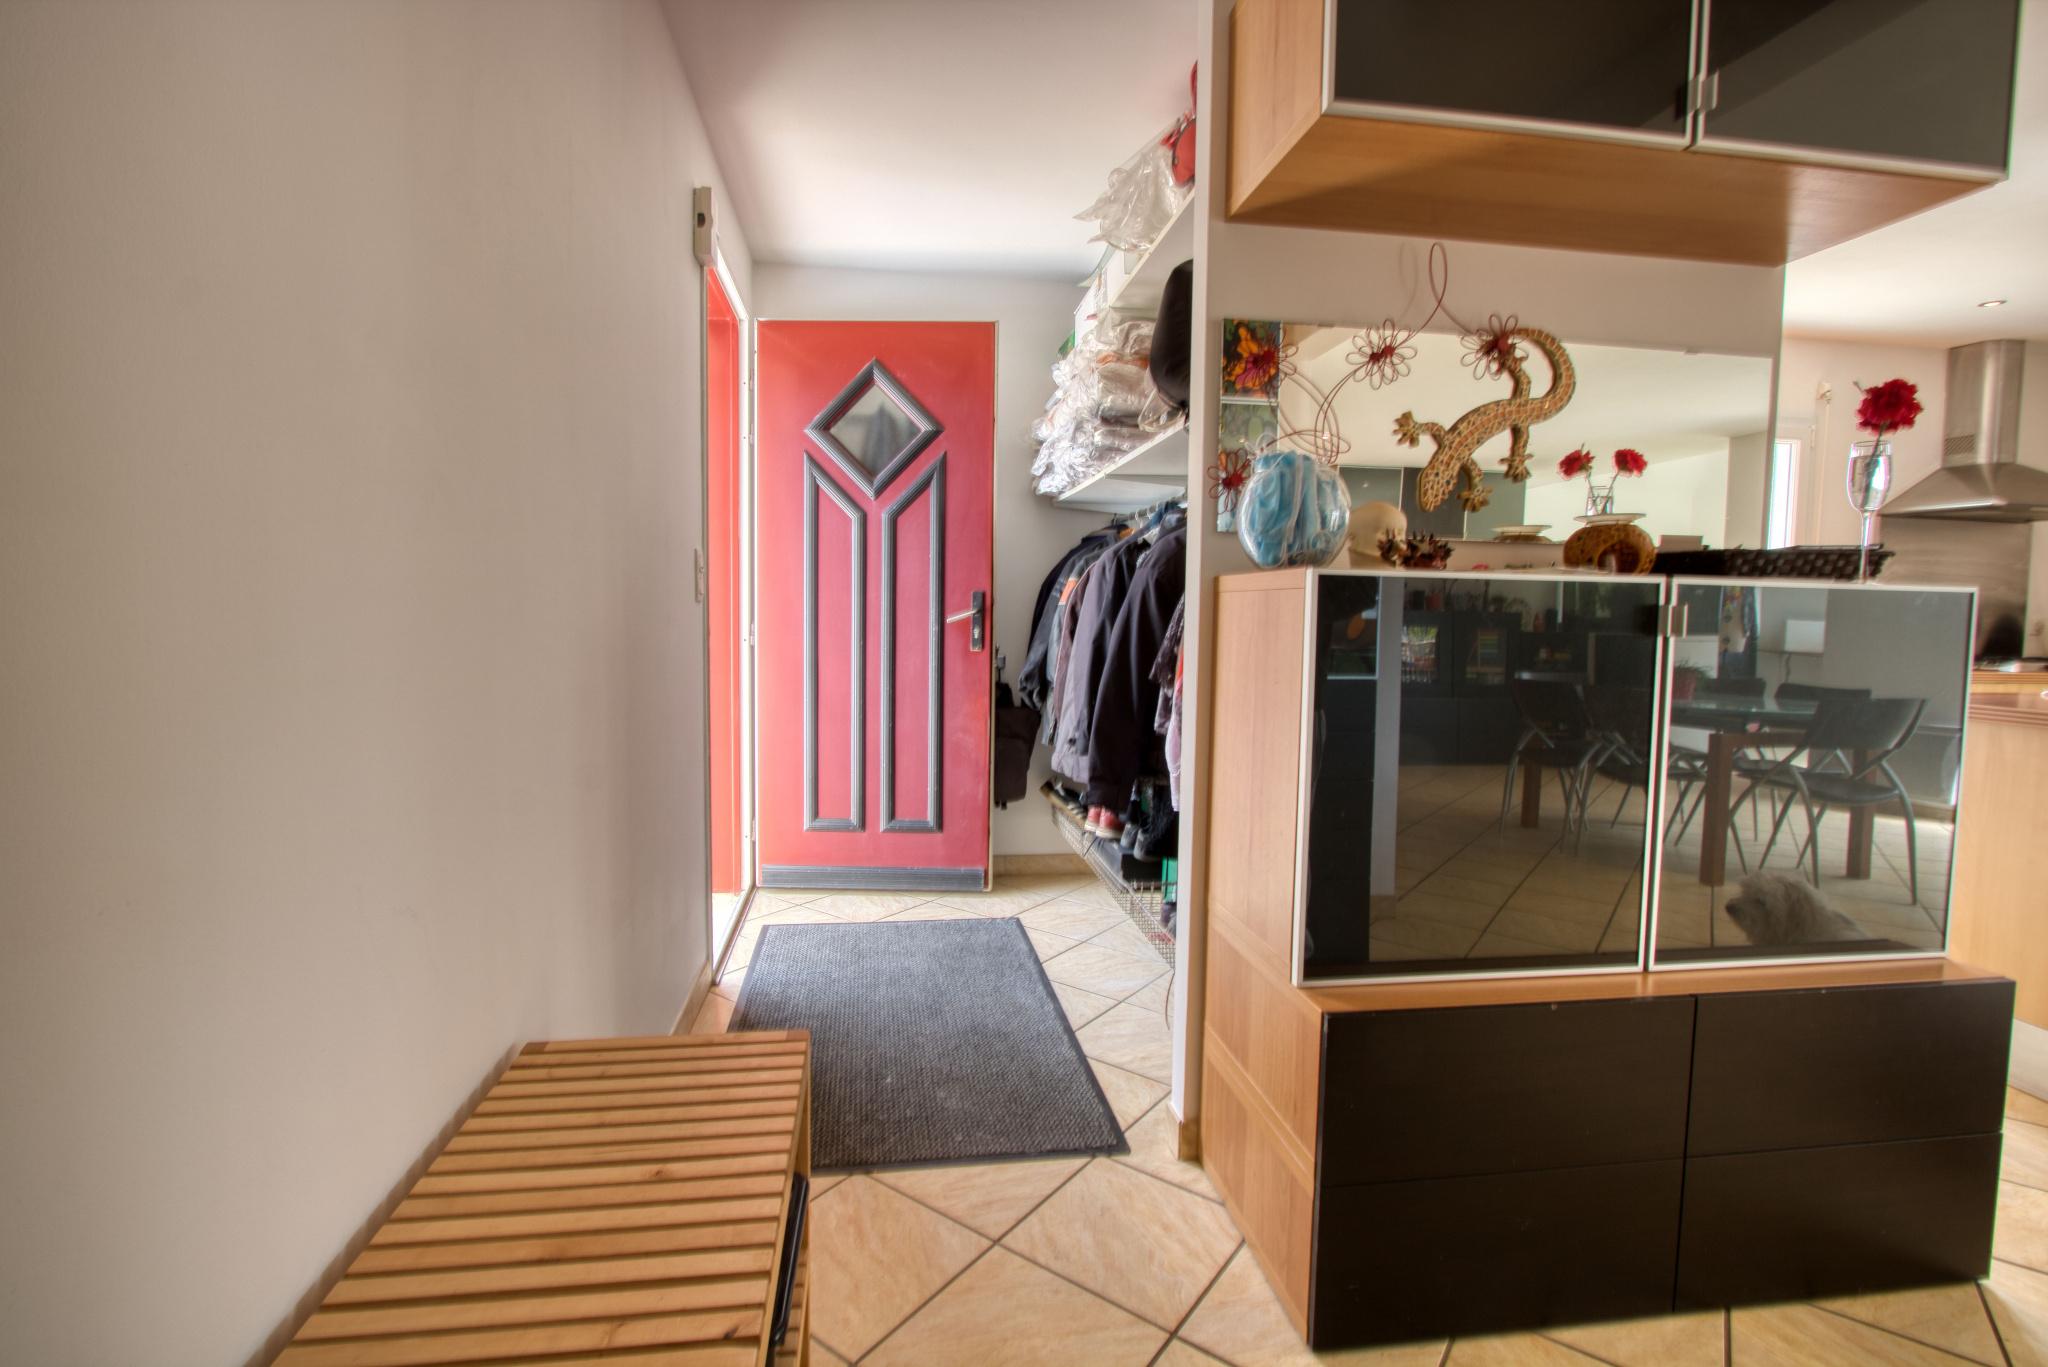 Halll d'entrée 10,30 m2